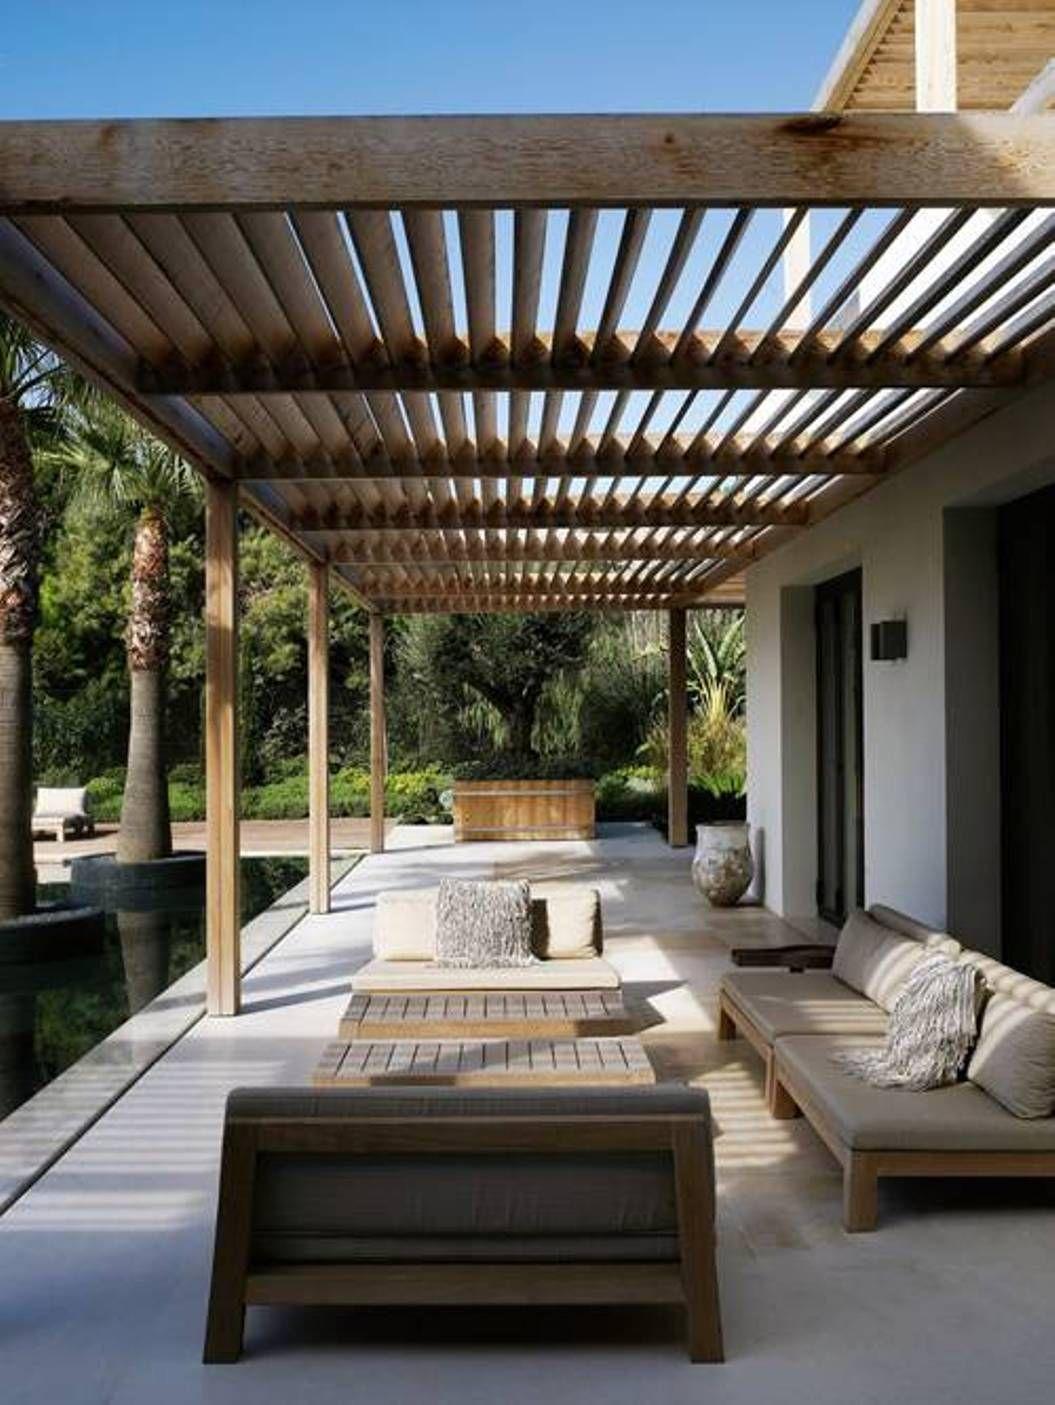 Attached Wooden Modern Pergolas Outdoor Modern Pergolas Gallery Outdoor Pergola Backyard Pergola Pergola Backyard modern pergola ideas